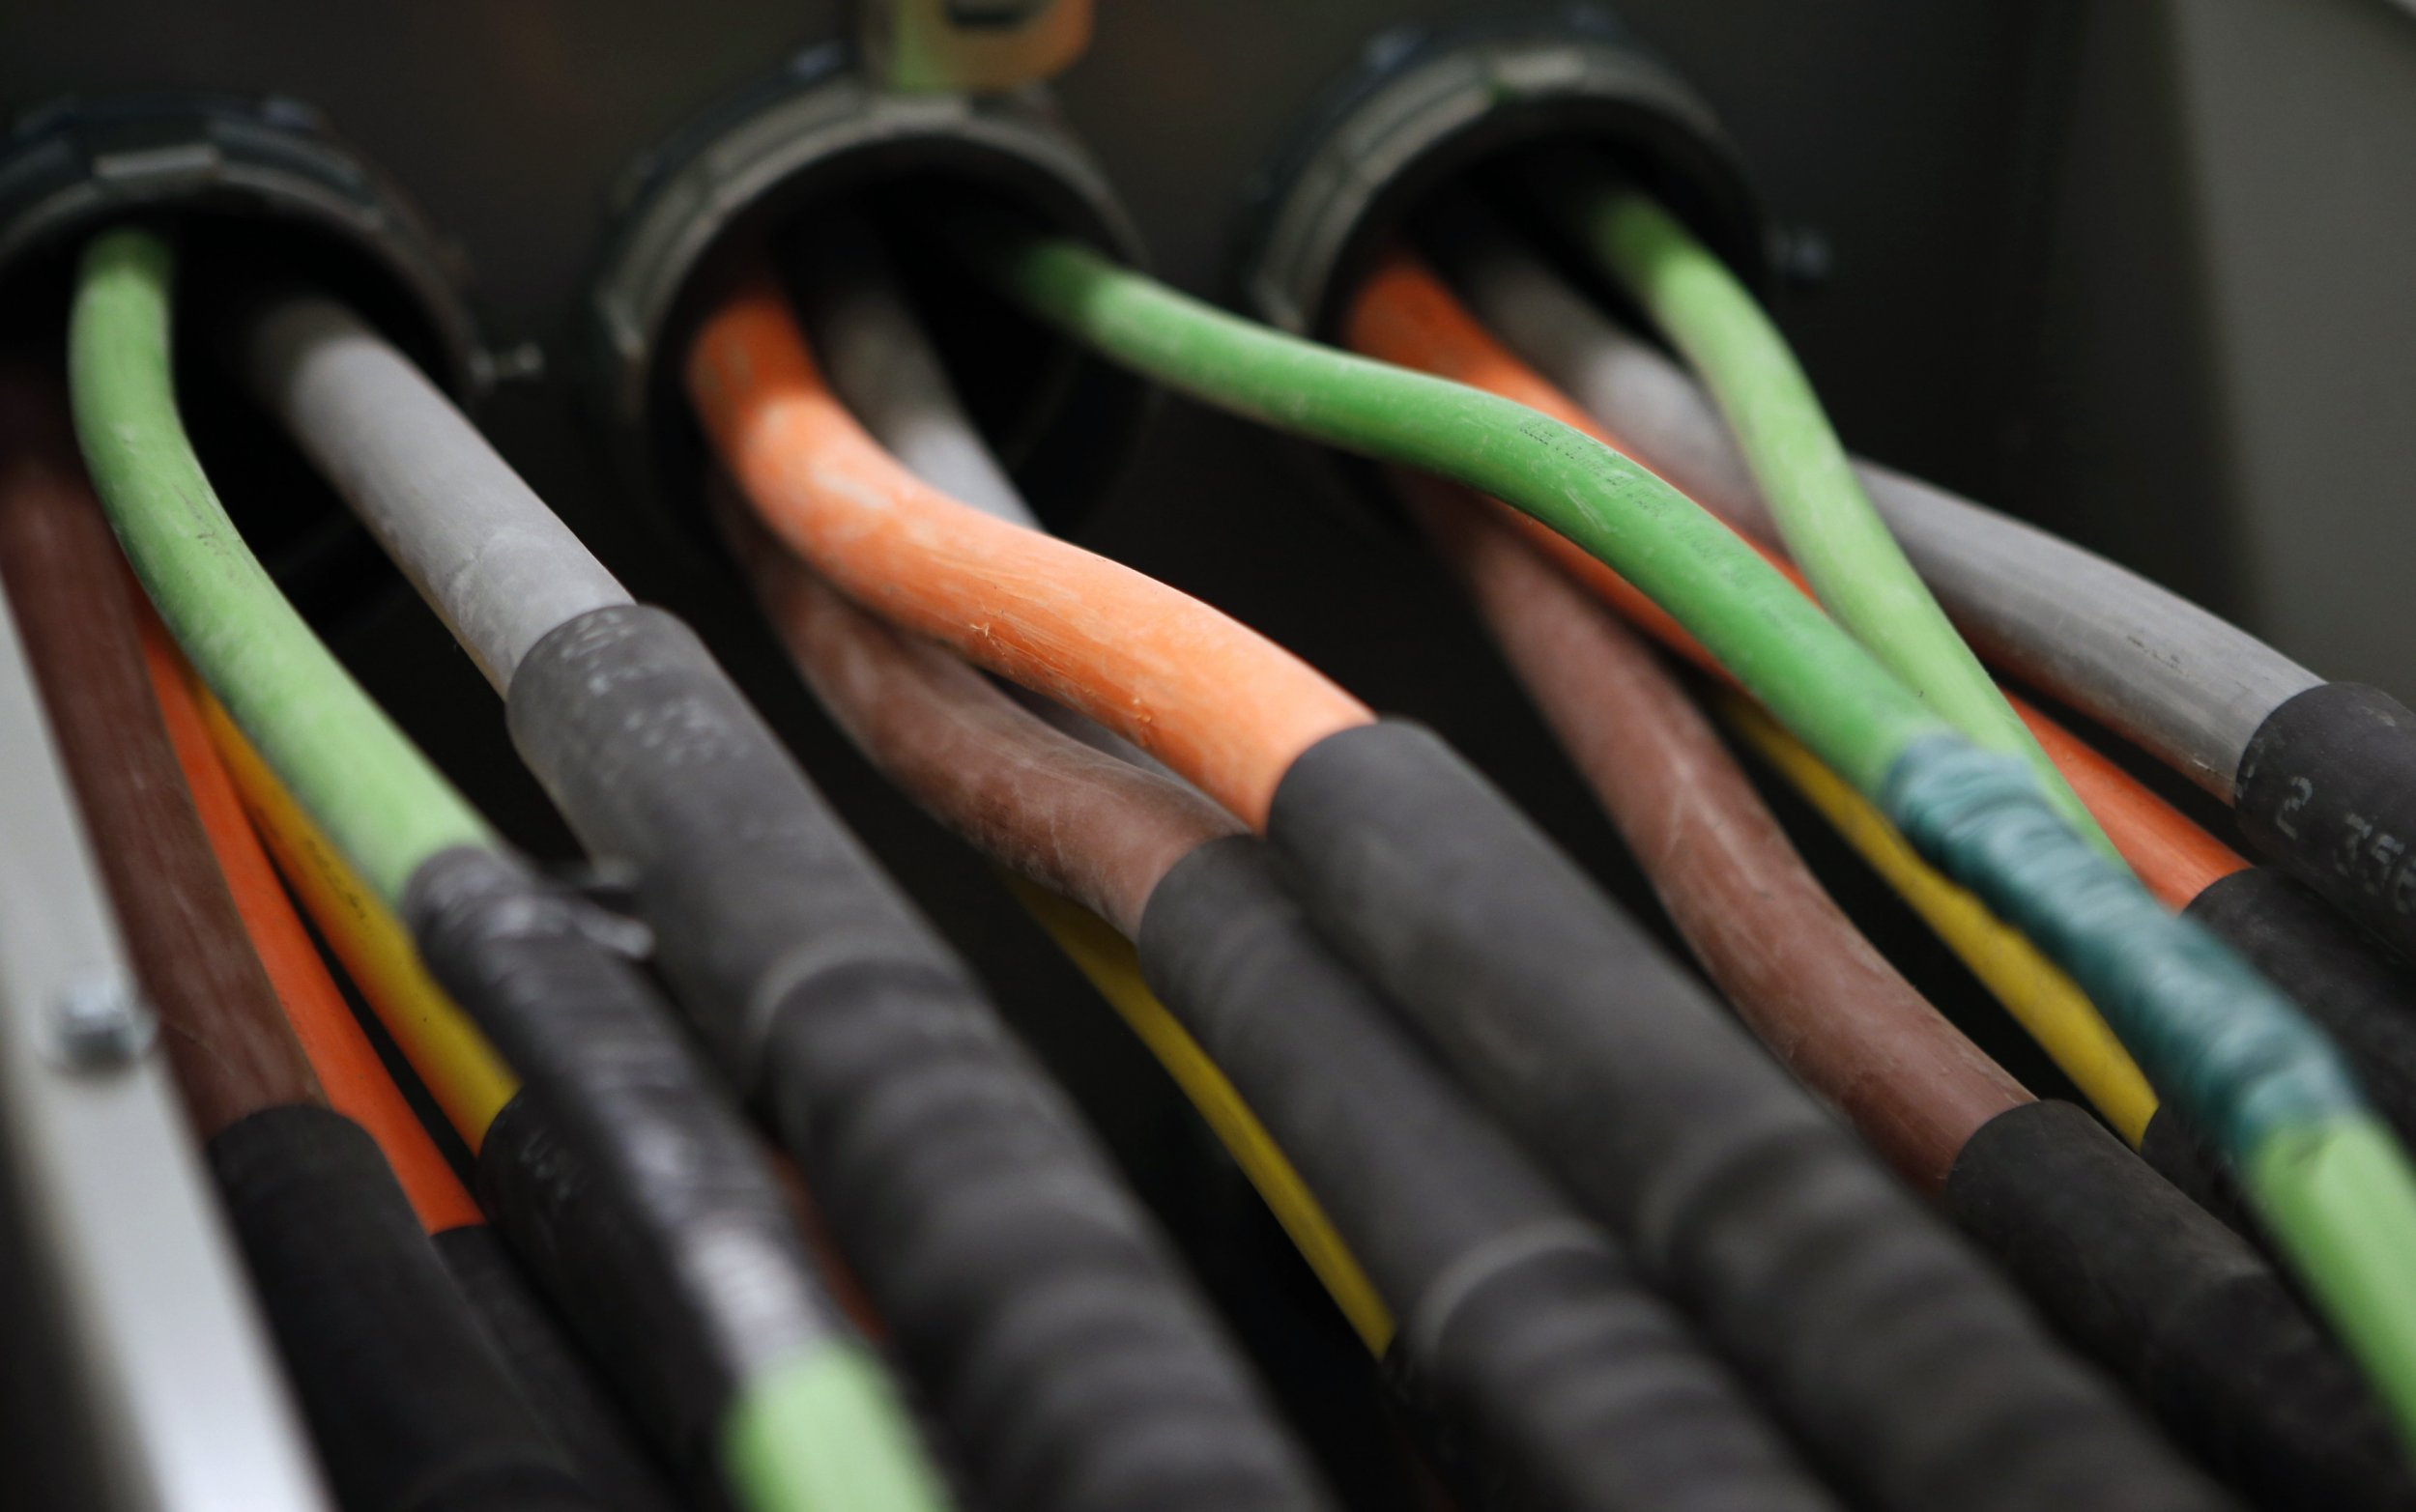 Fiber Optic Internet Cables